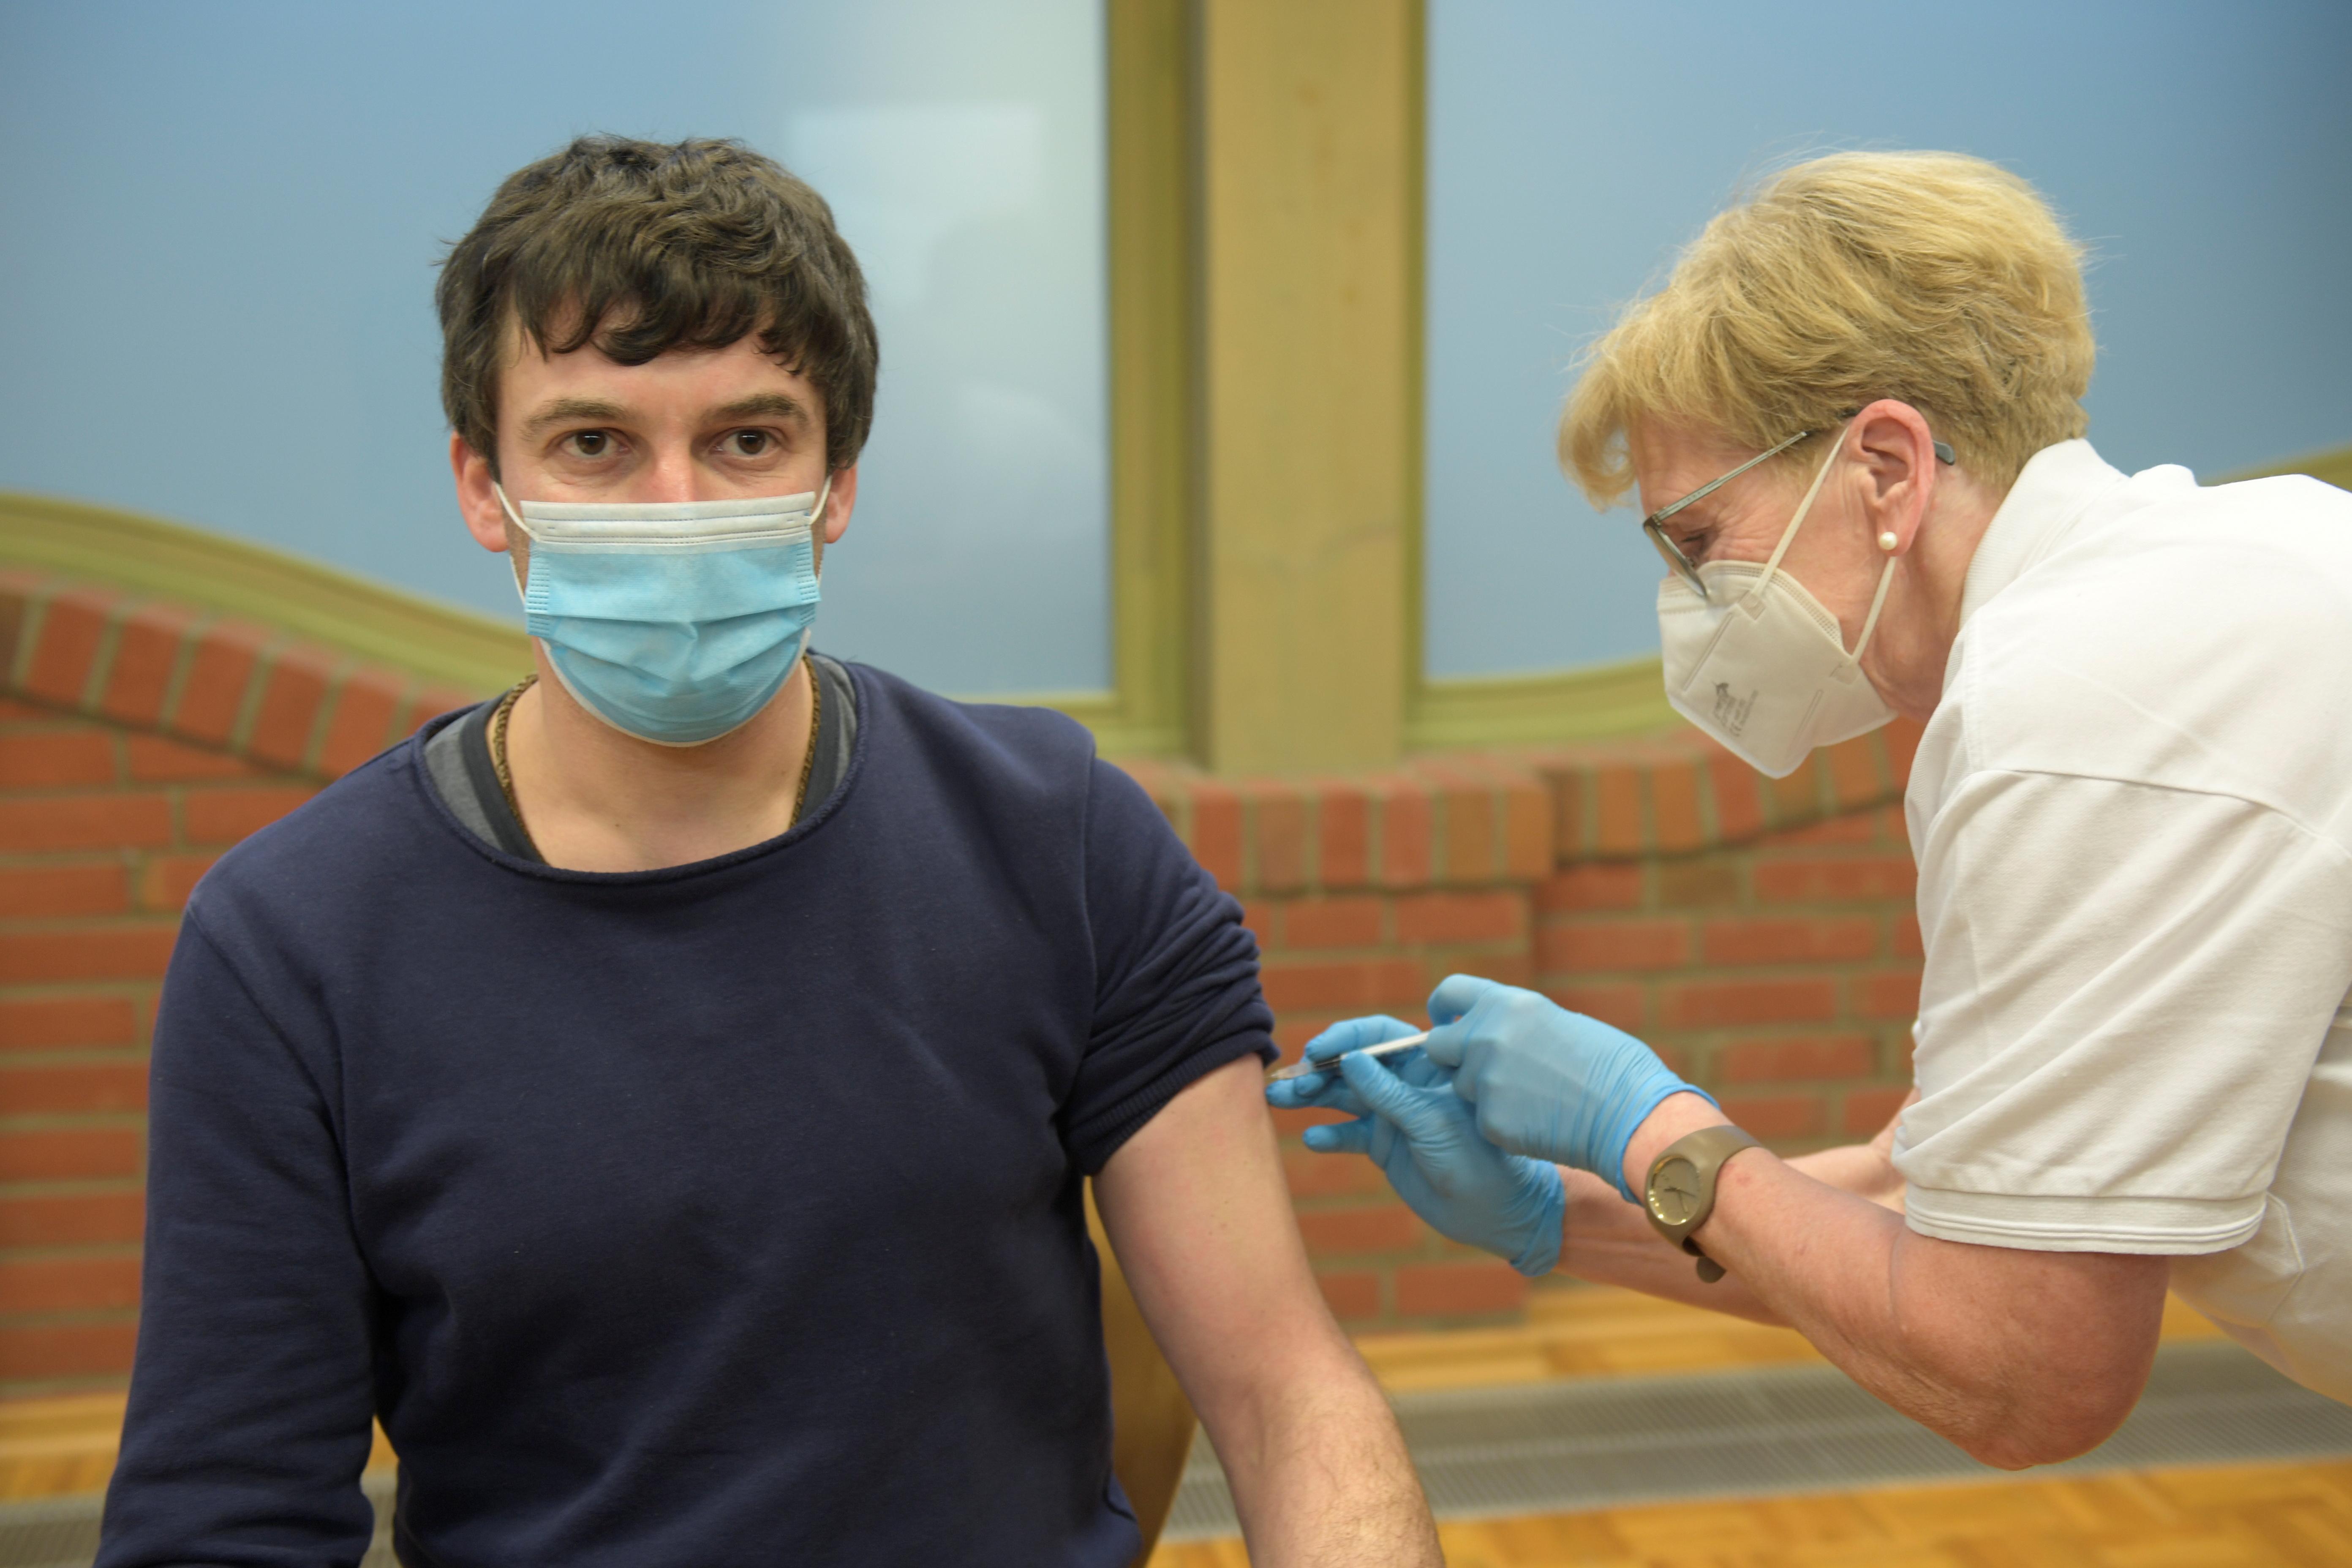 Giáo viên, Rene Kirstein, nhận được liều vắc-xin COVID-19 của AstraZeneca đầu tiên từ y tá Susanne Kugel, trong bối cảnh bệnh coronavirus (COVID-19) đang lây lan ở Grevesmuehlen, Đức, ngày 5 tháng 3 năm 2021. REUTERS / Fabian Bimmer